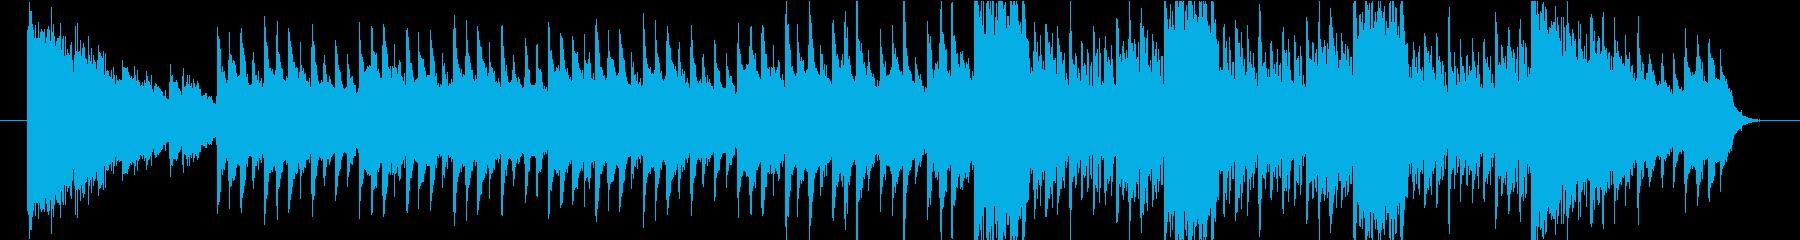 アコギと弦楽器によるシリアスなTUNEの再生済みの波形